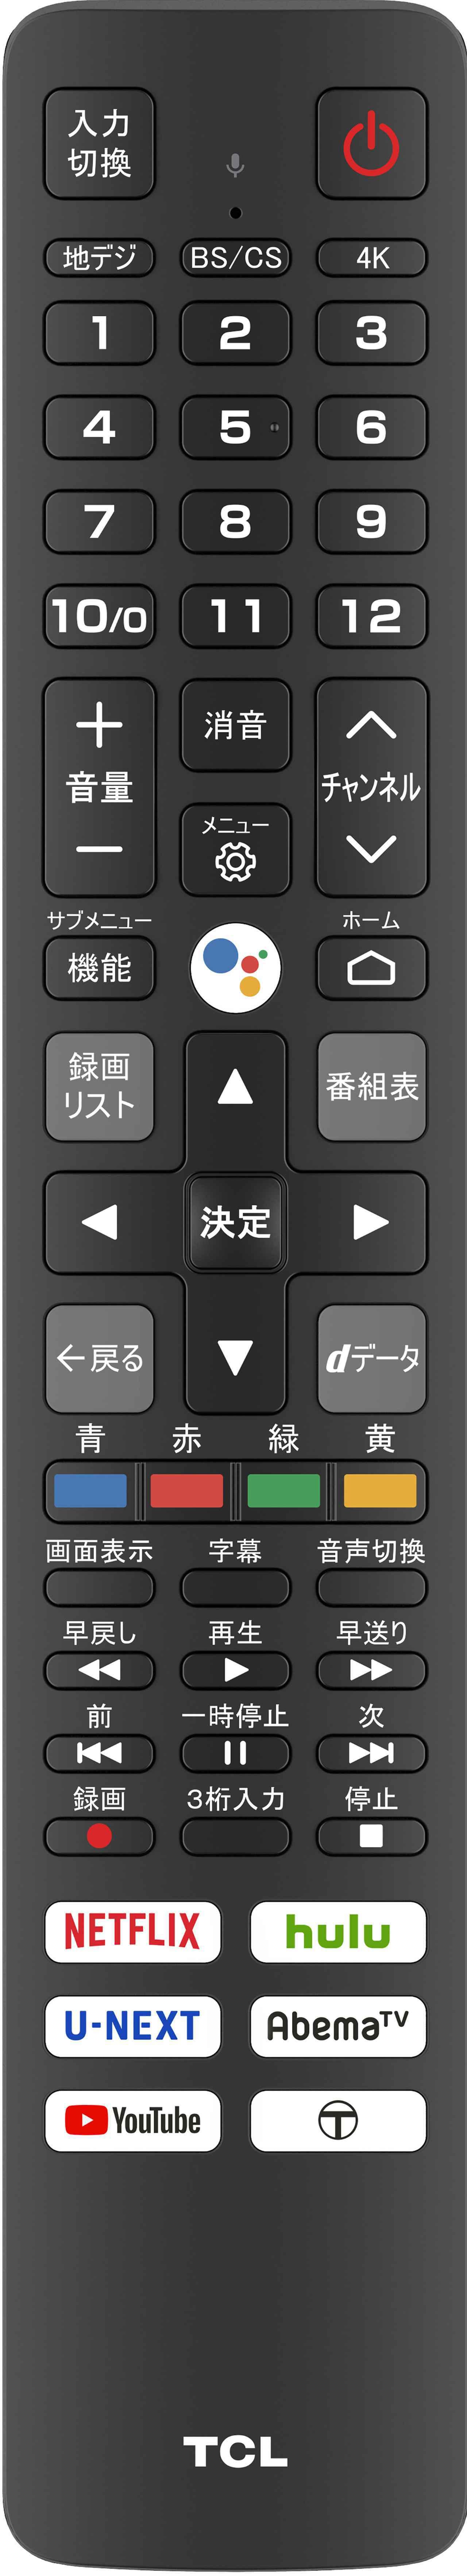 画像: 付属リモコンは、ネット動画サービスへのダイレクトボタン6つを装備している。スリムなスタイルで機能別にボタンがまとめられていて使い勝手も良好だ